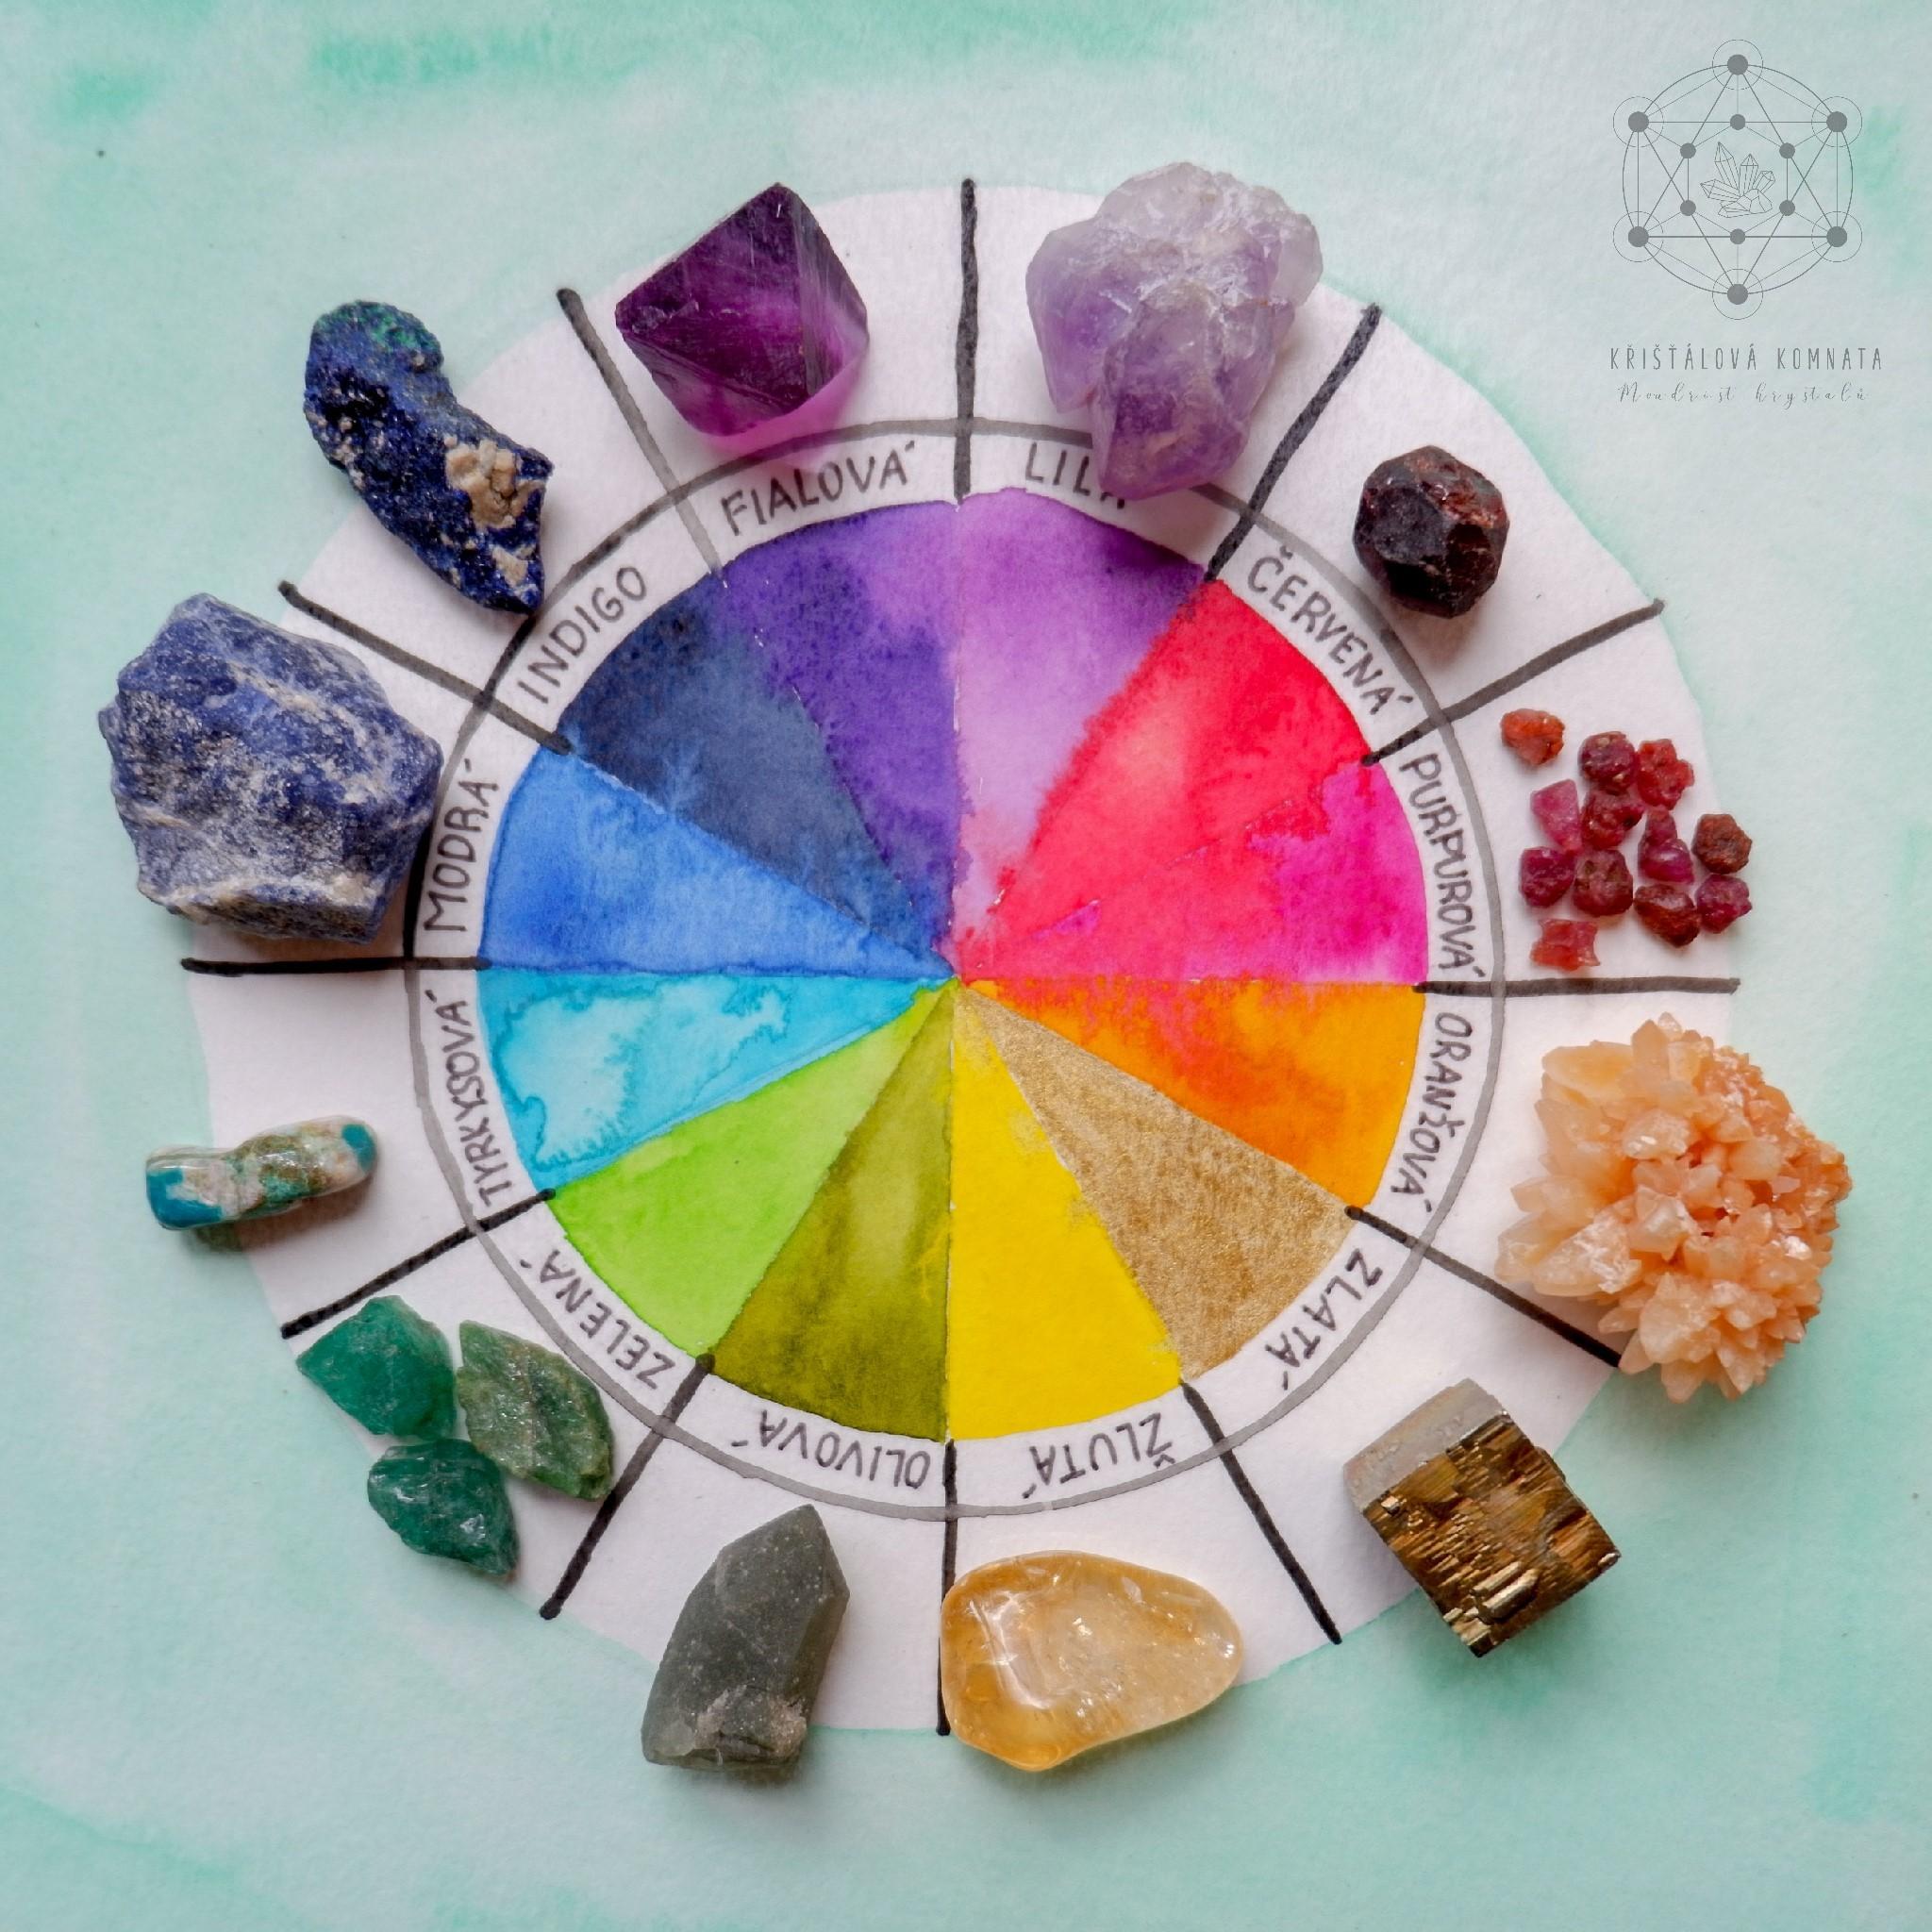 619f39bdf2c Význam barev u krystalů a minerálů – Křišťálová komnata